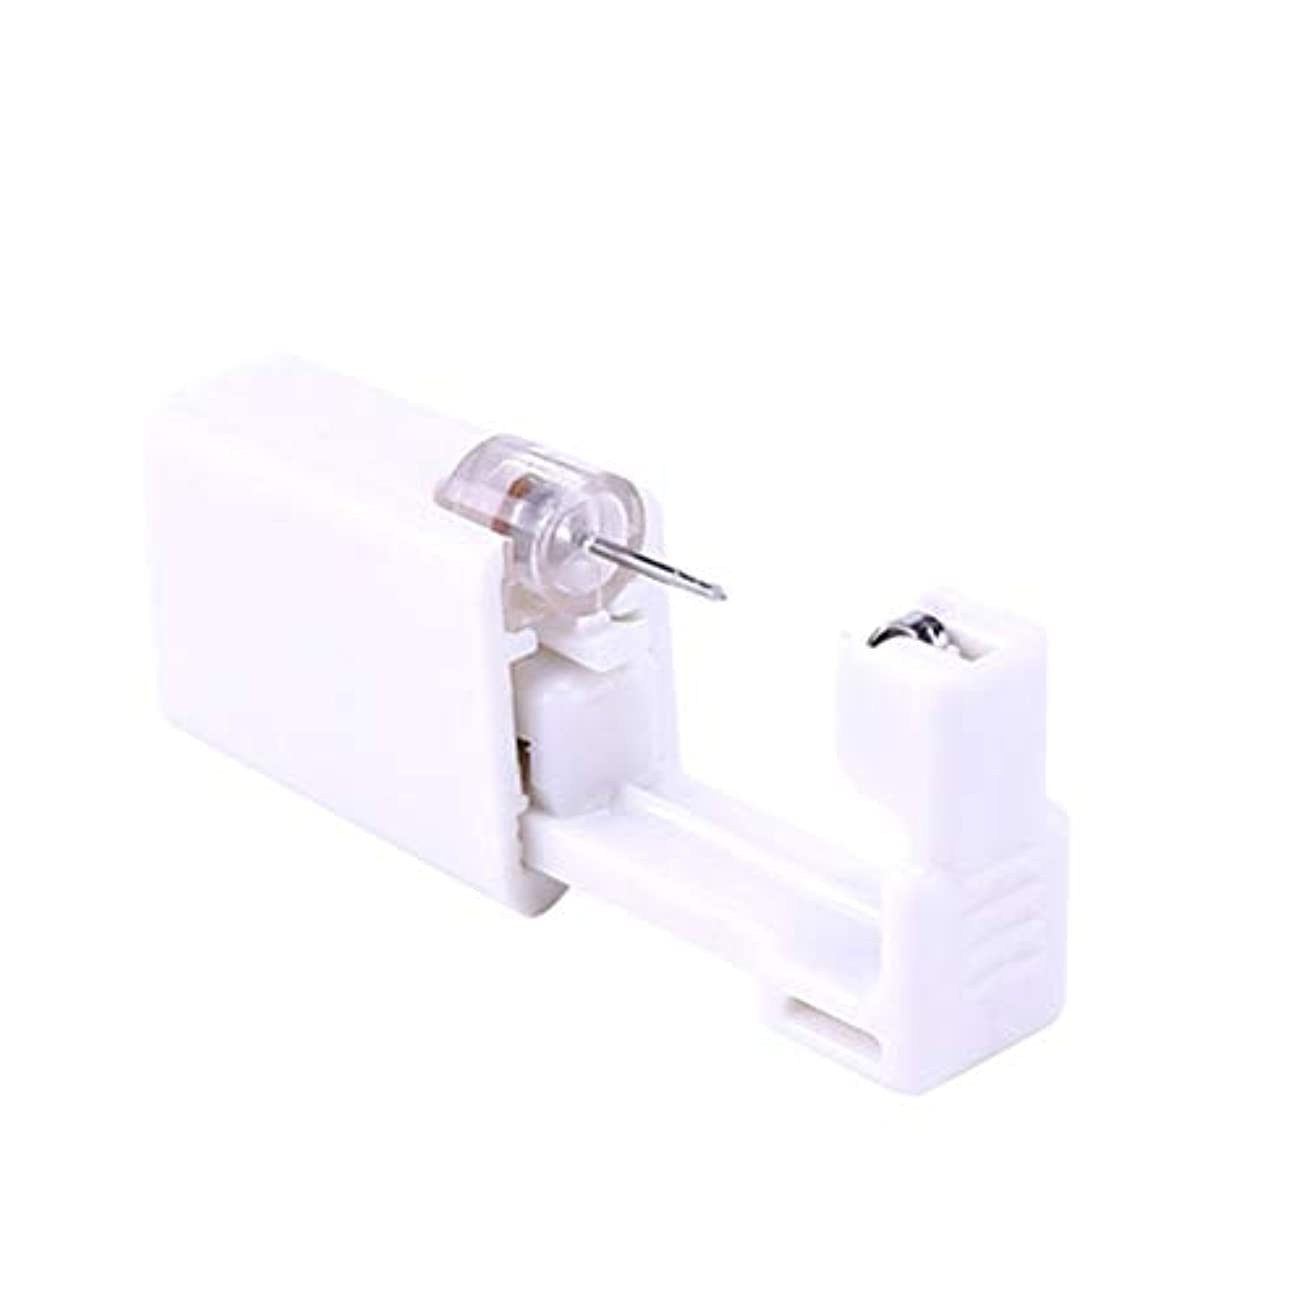 なる苦行レビューSUPVOX 2本使い捨て耳ピアスガンボディピアスガンピアスツールピアスデバイス(ホワイト)